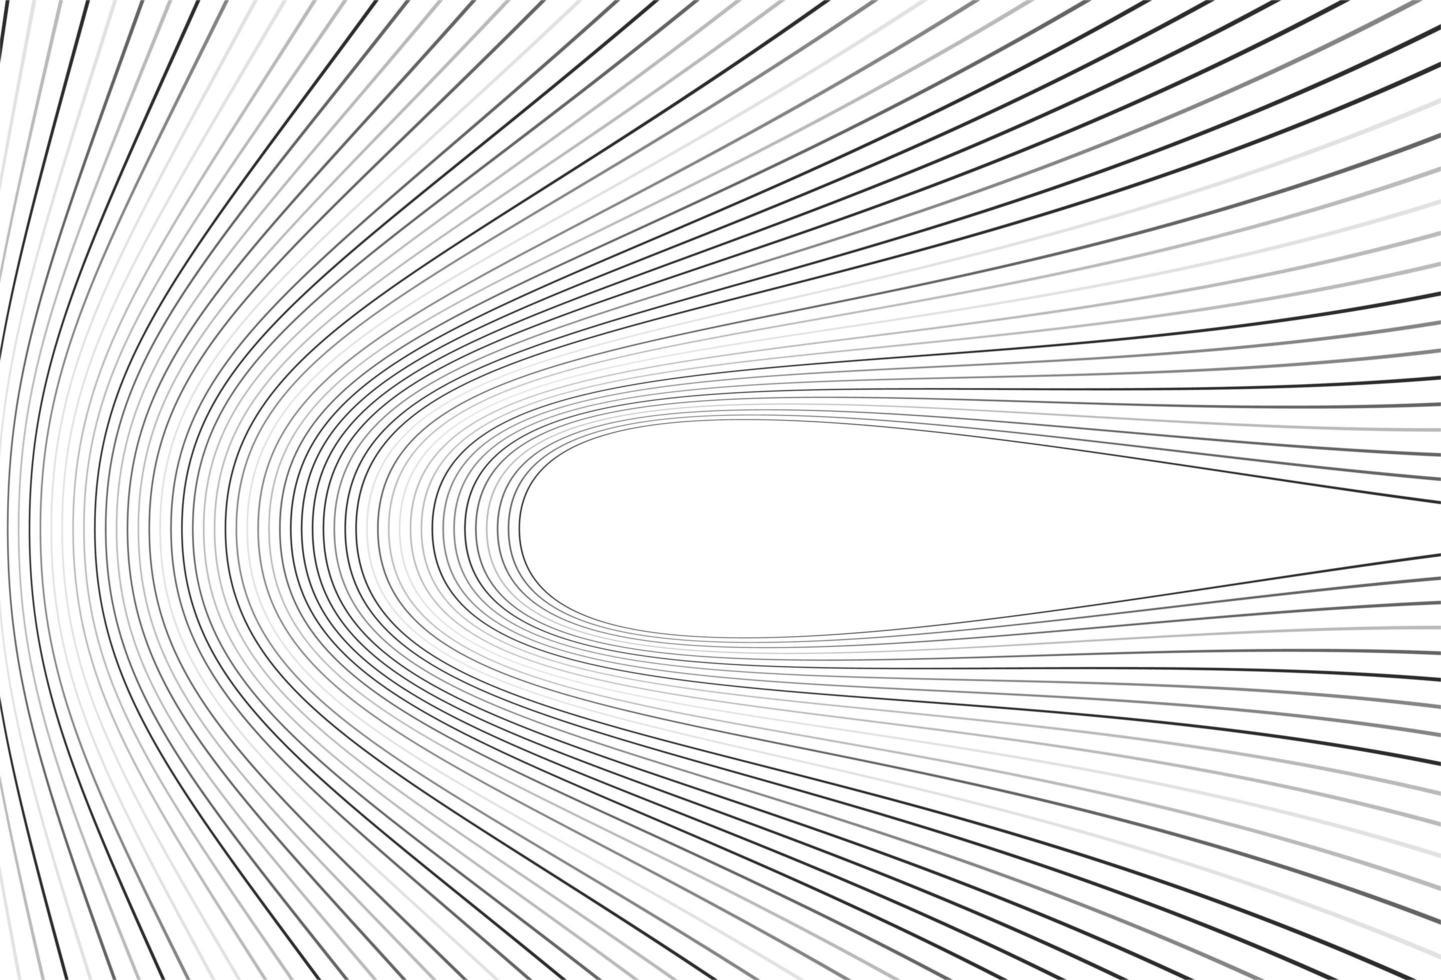 modello moderno di linee piegate grigie vettore